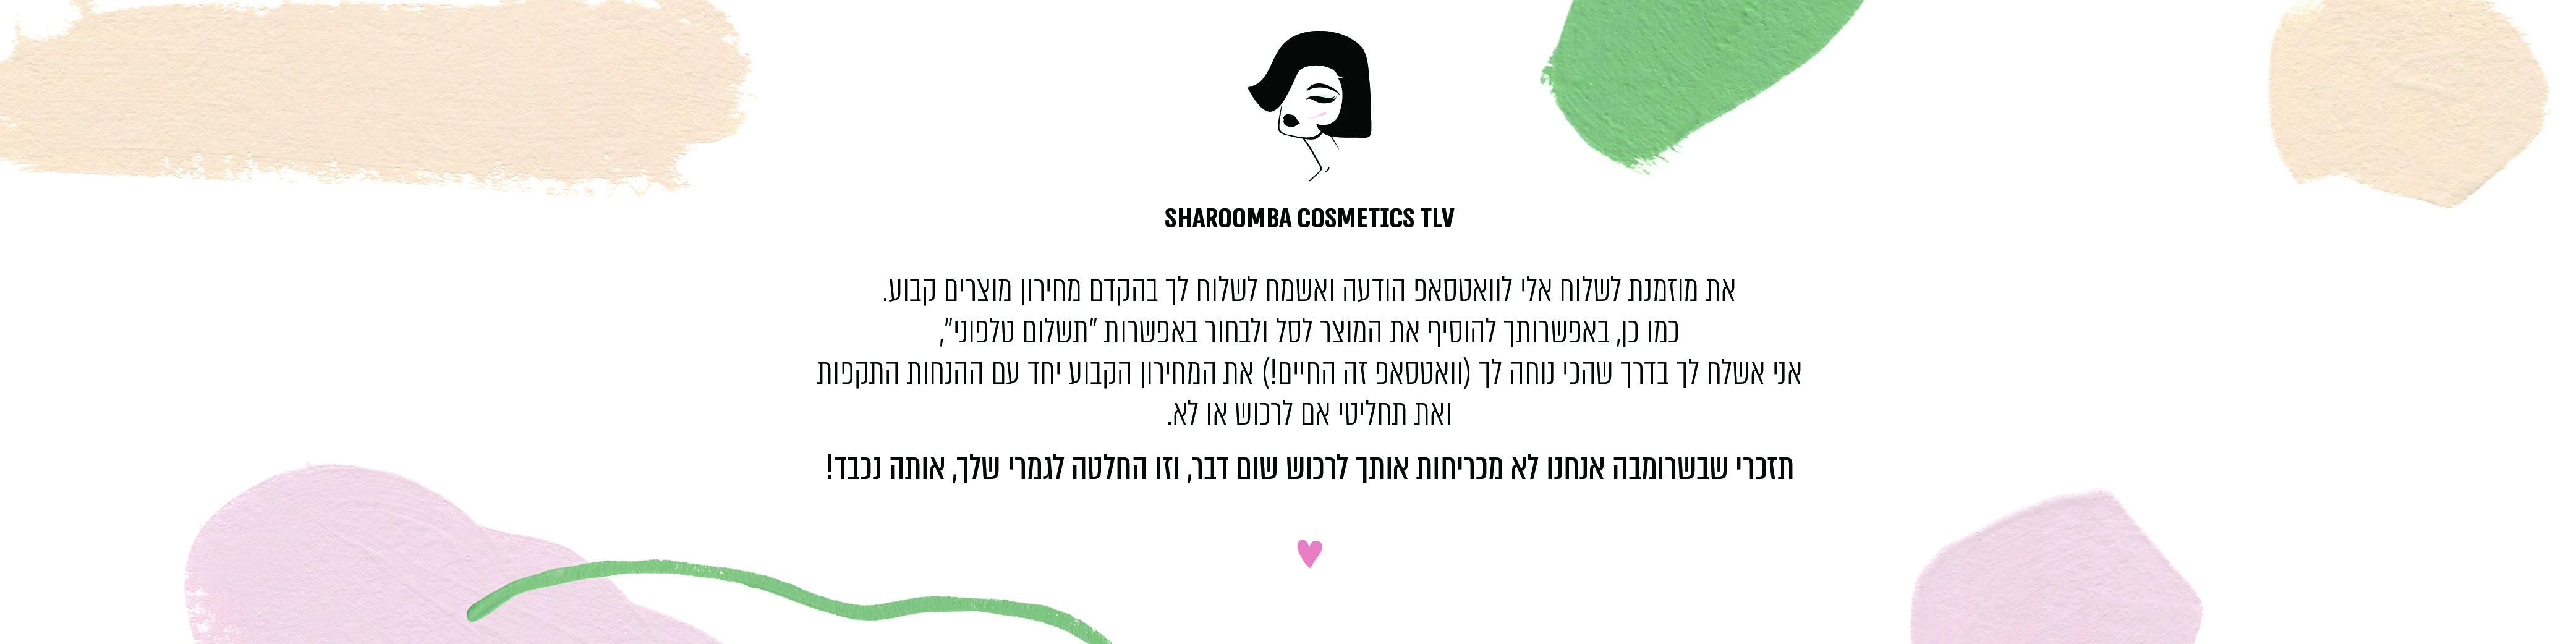 טיפול בפיגמנטציה והבהרה - Sharoomba shop